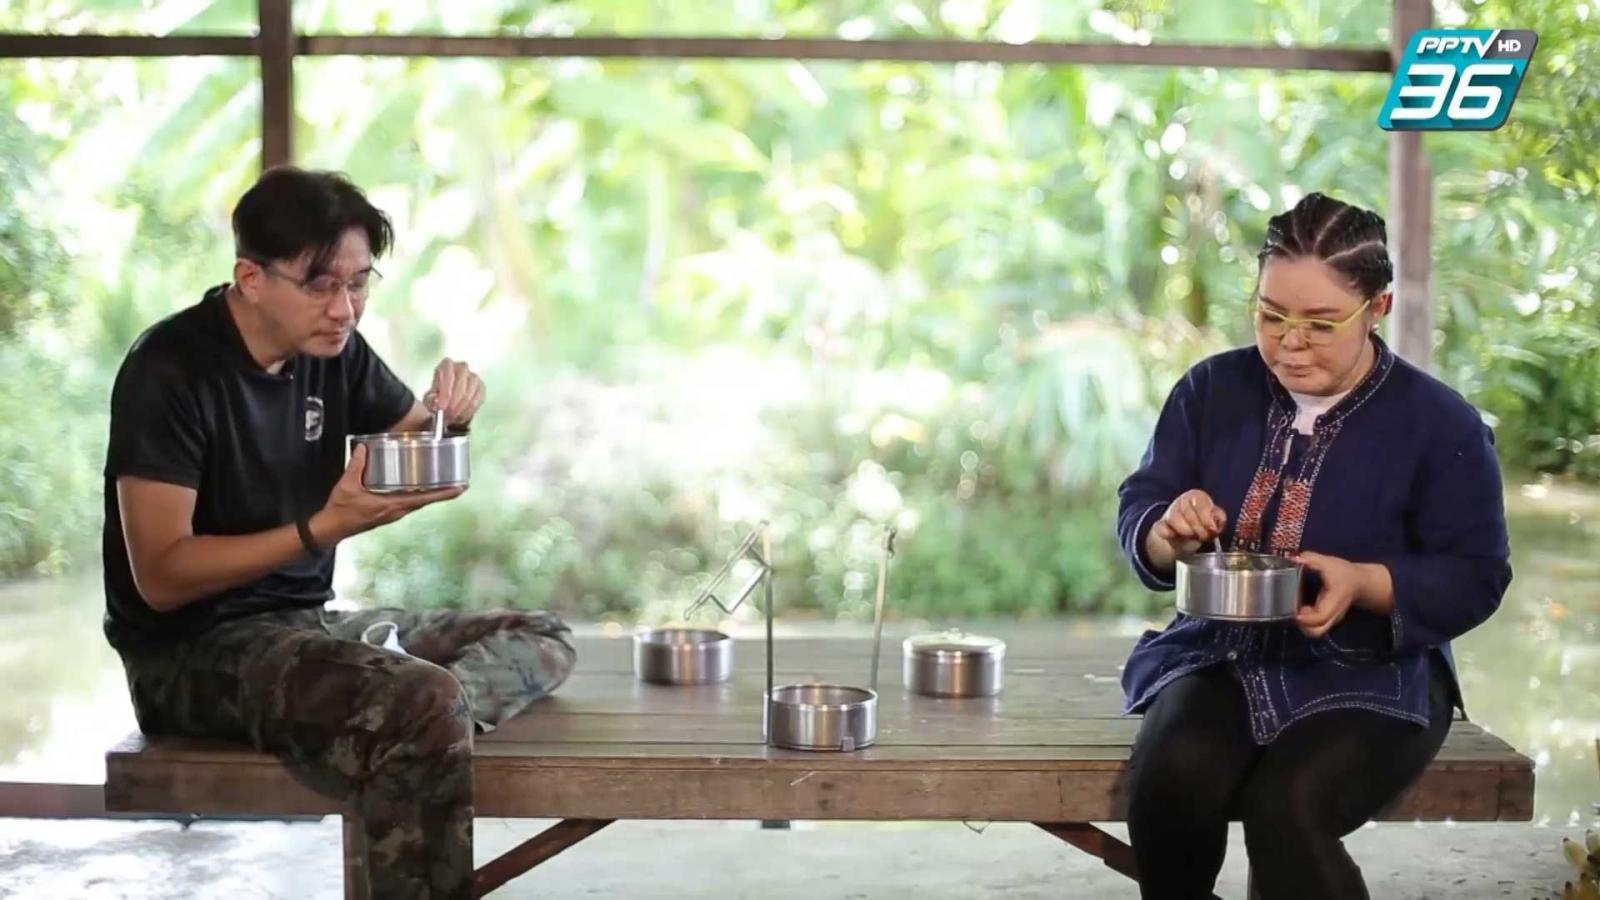 ฮาย อาภาพร | ตามสัญญา EP.83 | ปิ่นโตเมนูผัก เพิ่มพลังหลังทำสวน